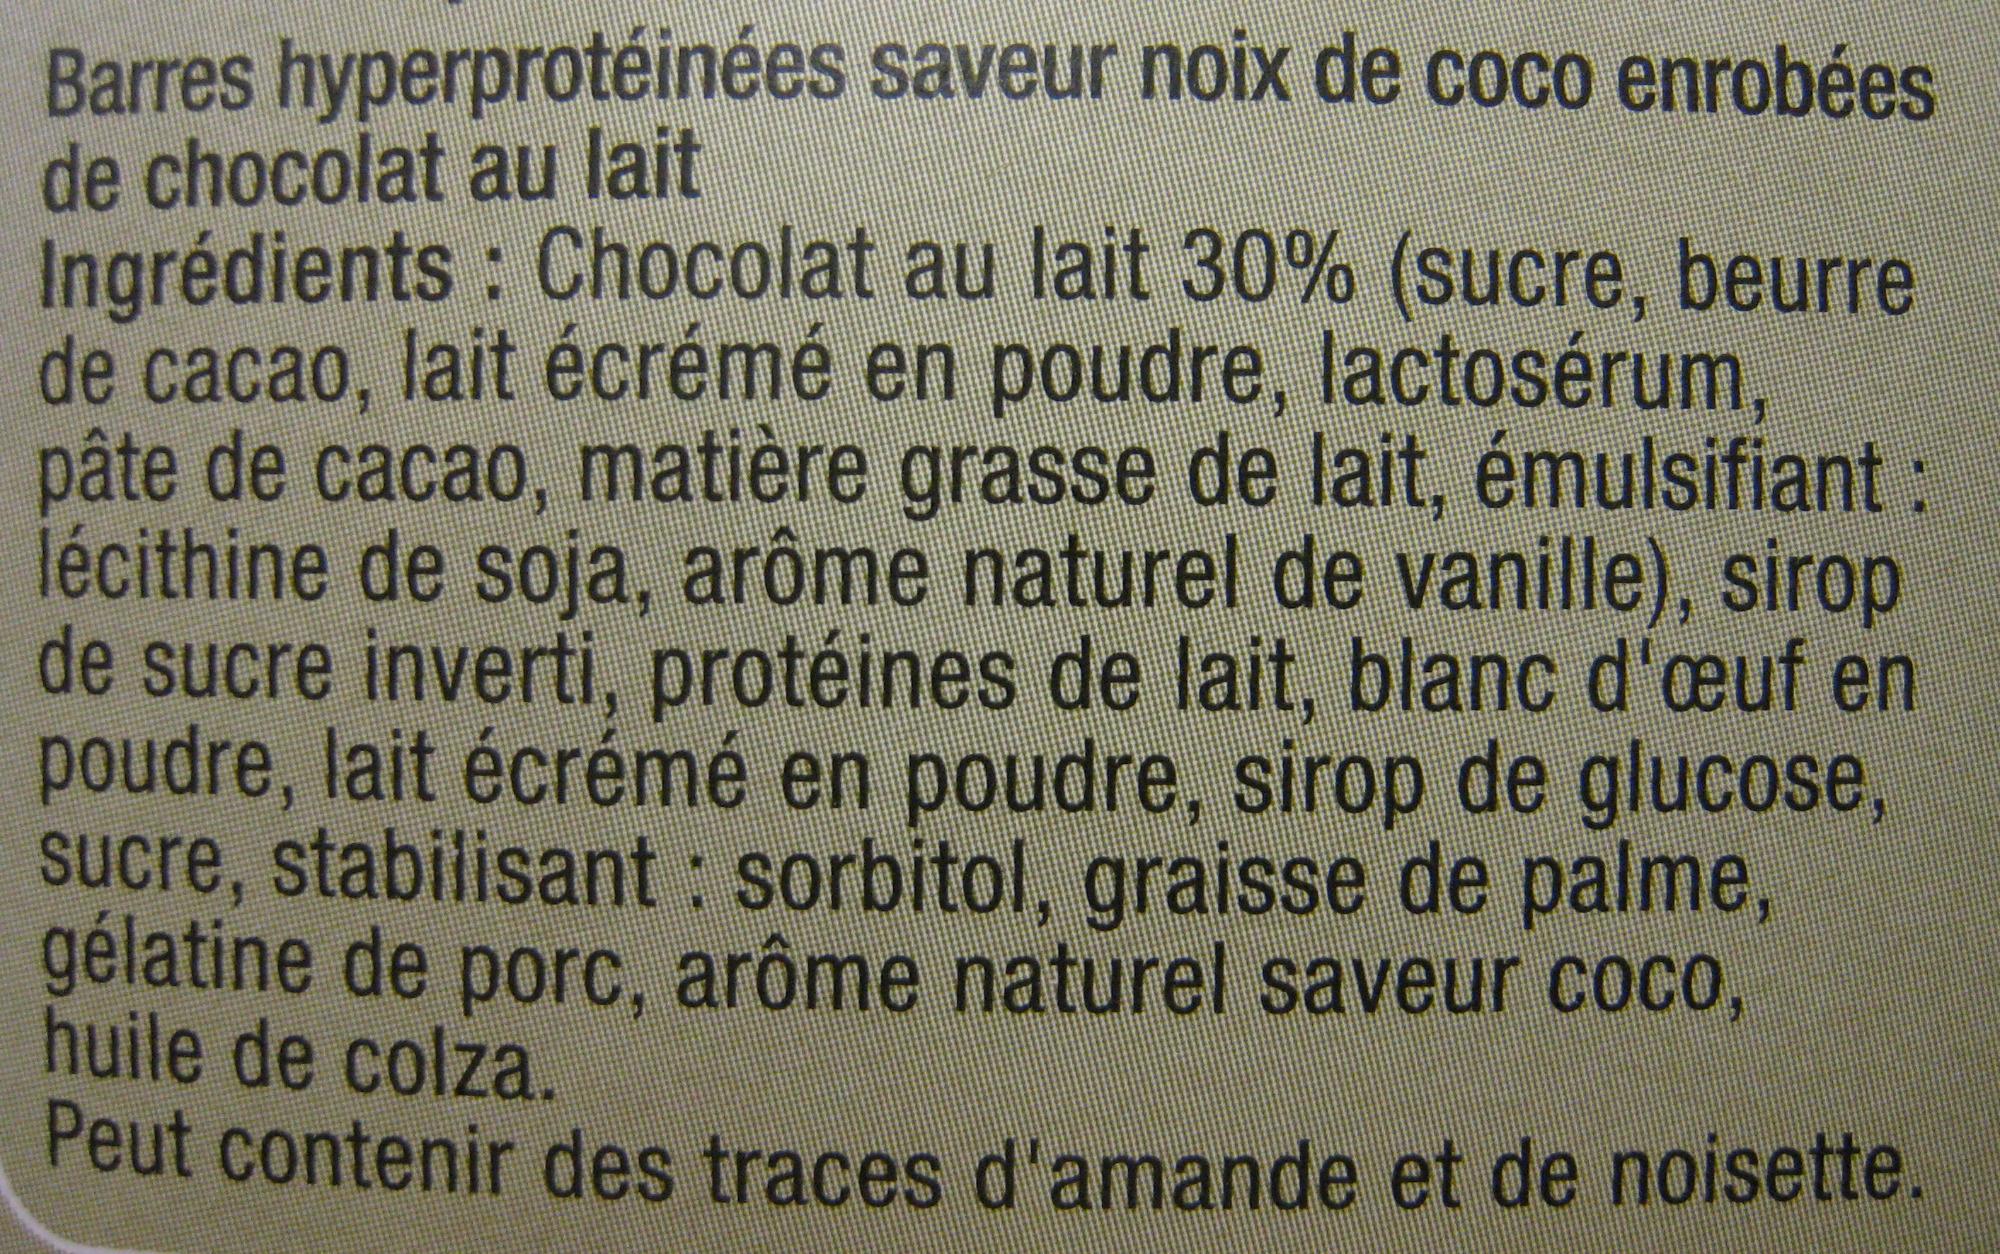 Barres de régime saveur noix de coco enrobées de chocolat au lait Carrefour - Ingredients - fr